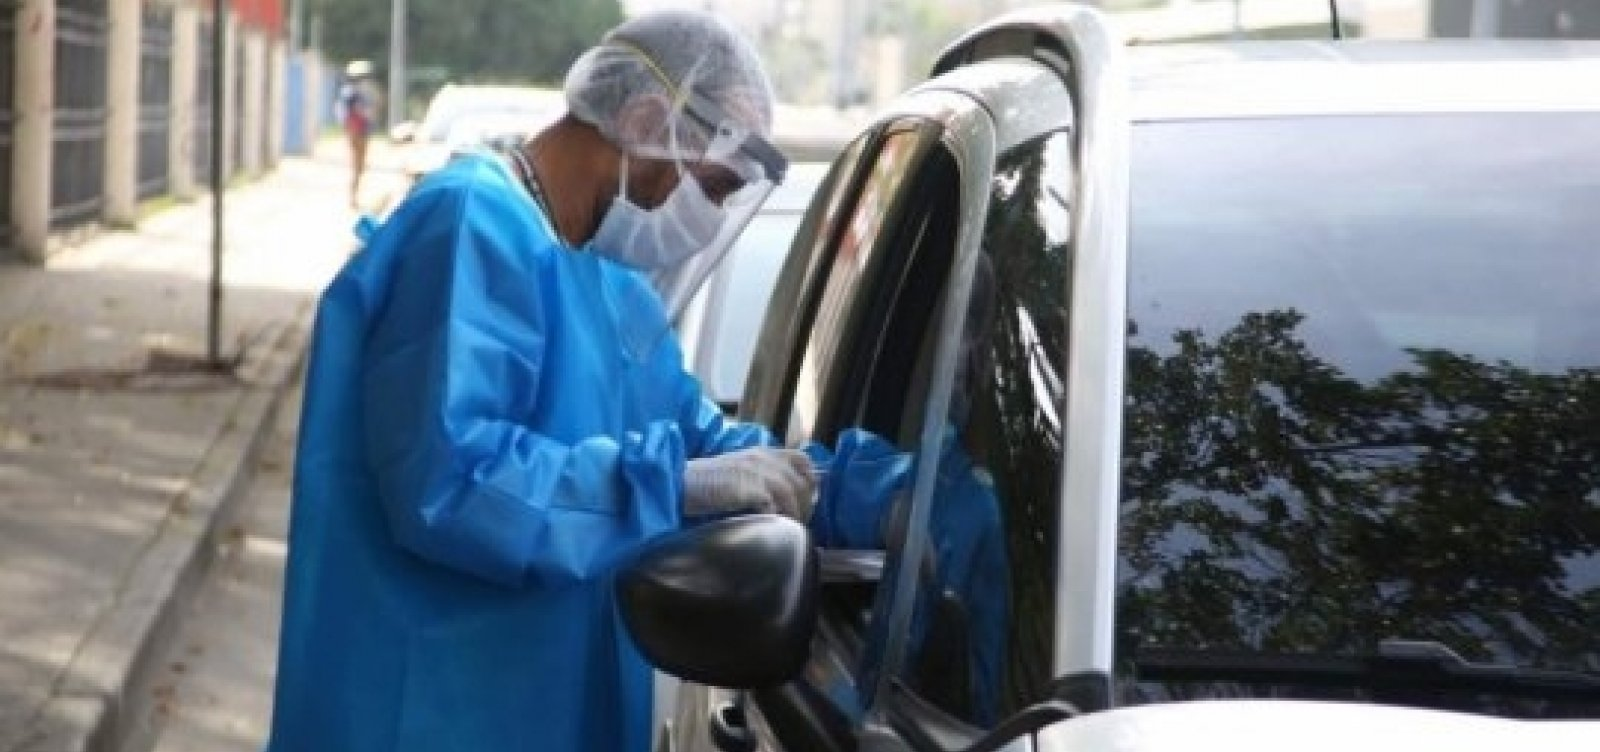 [Brasil registra 172.866 mortes por Covid-19, diz consórcio de imprensa]